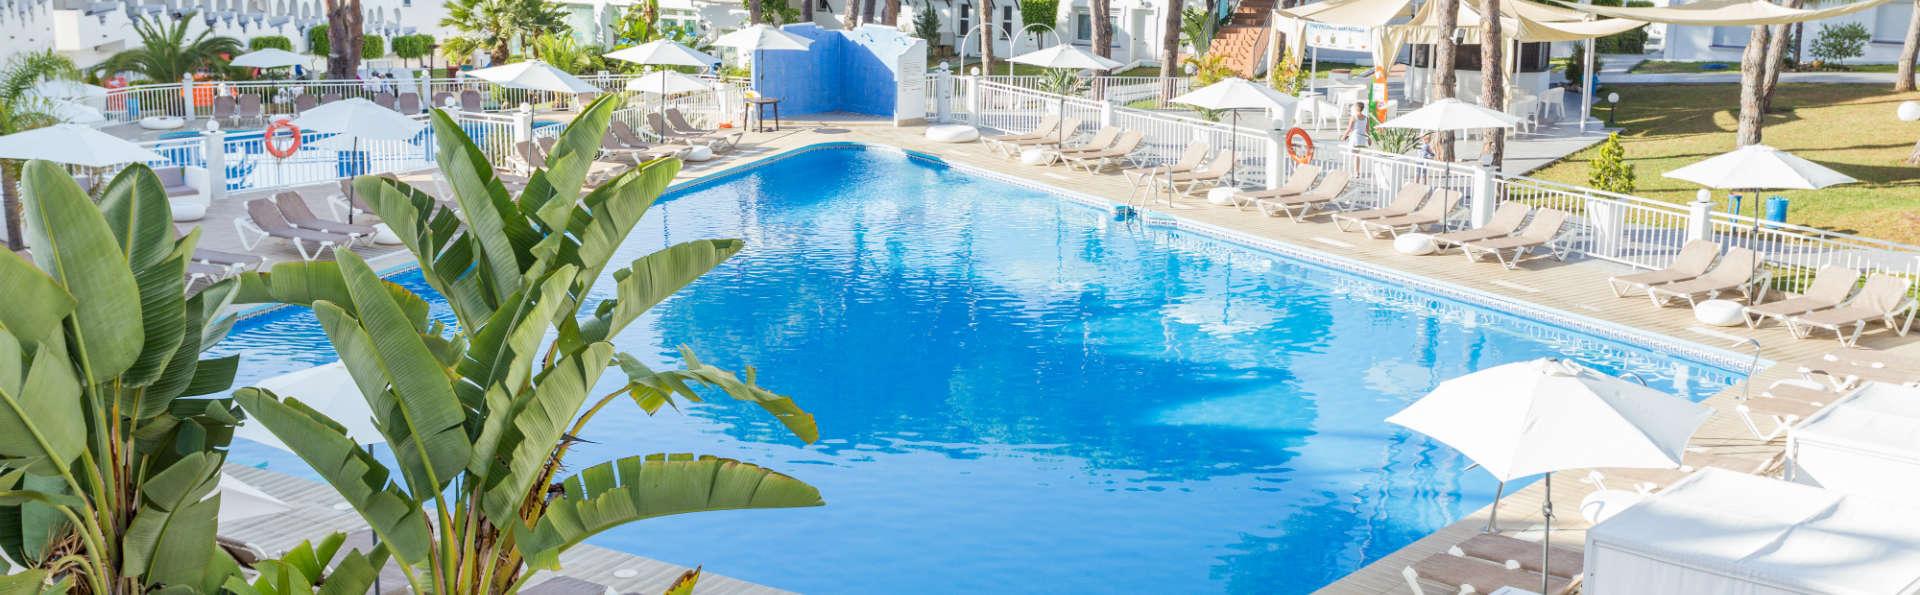 Vime La Reserva De Marbella - edit_piscina1.jpg